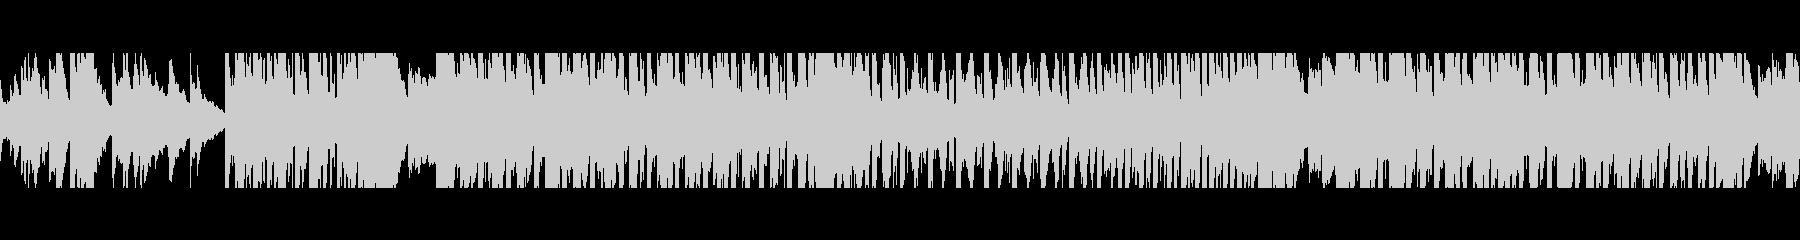 和風なEDMです。の未再生の波形